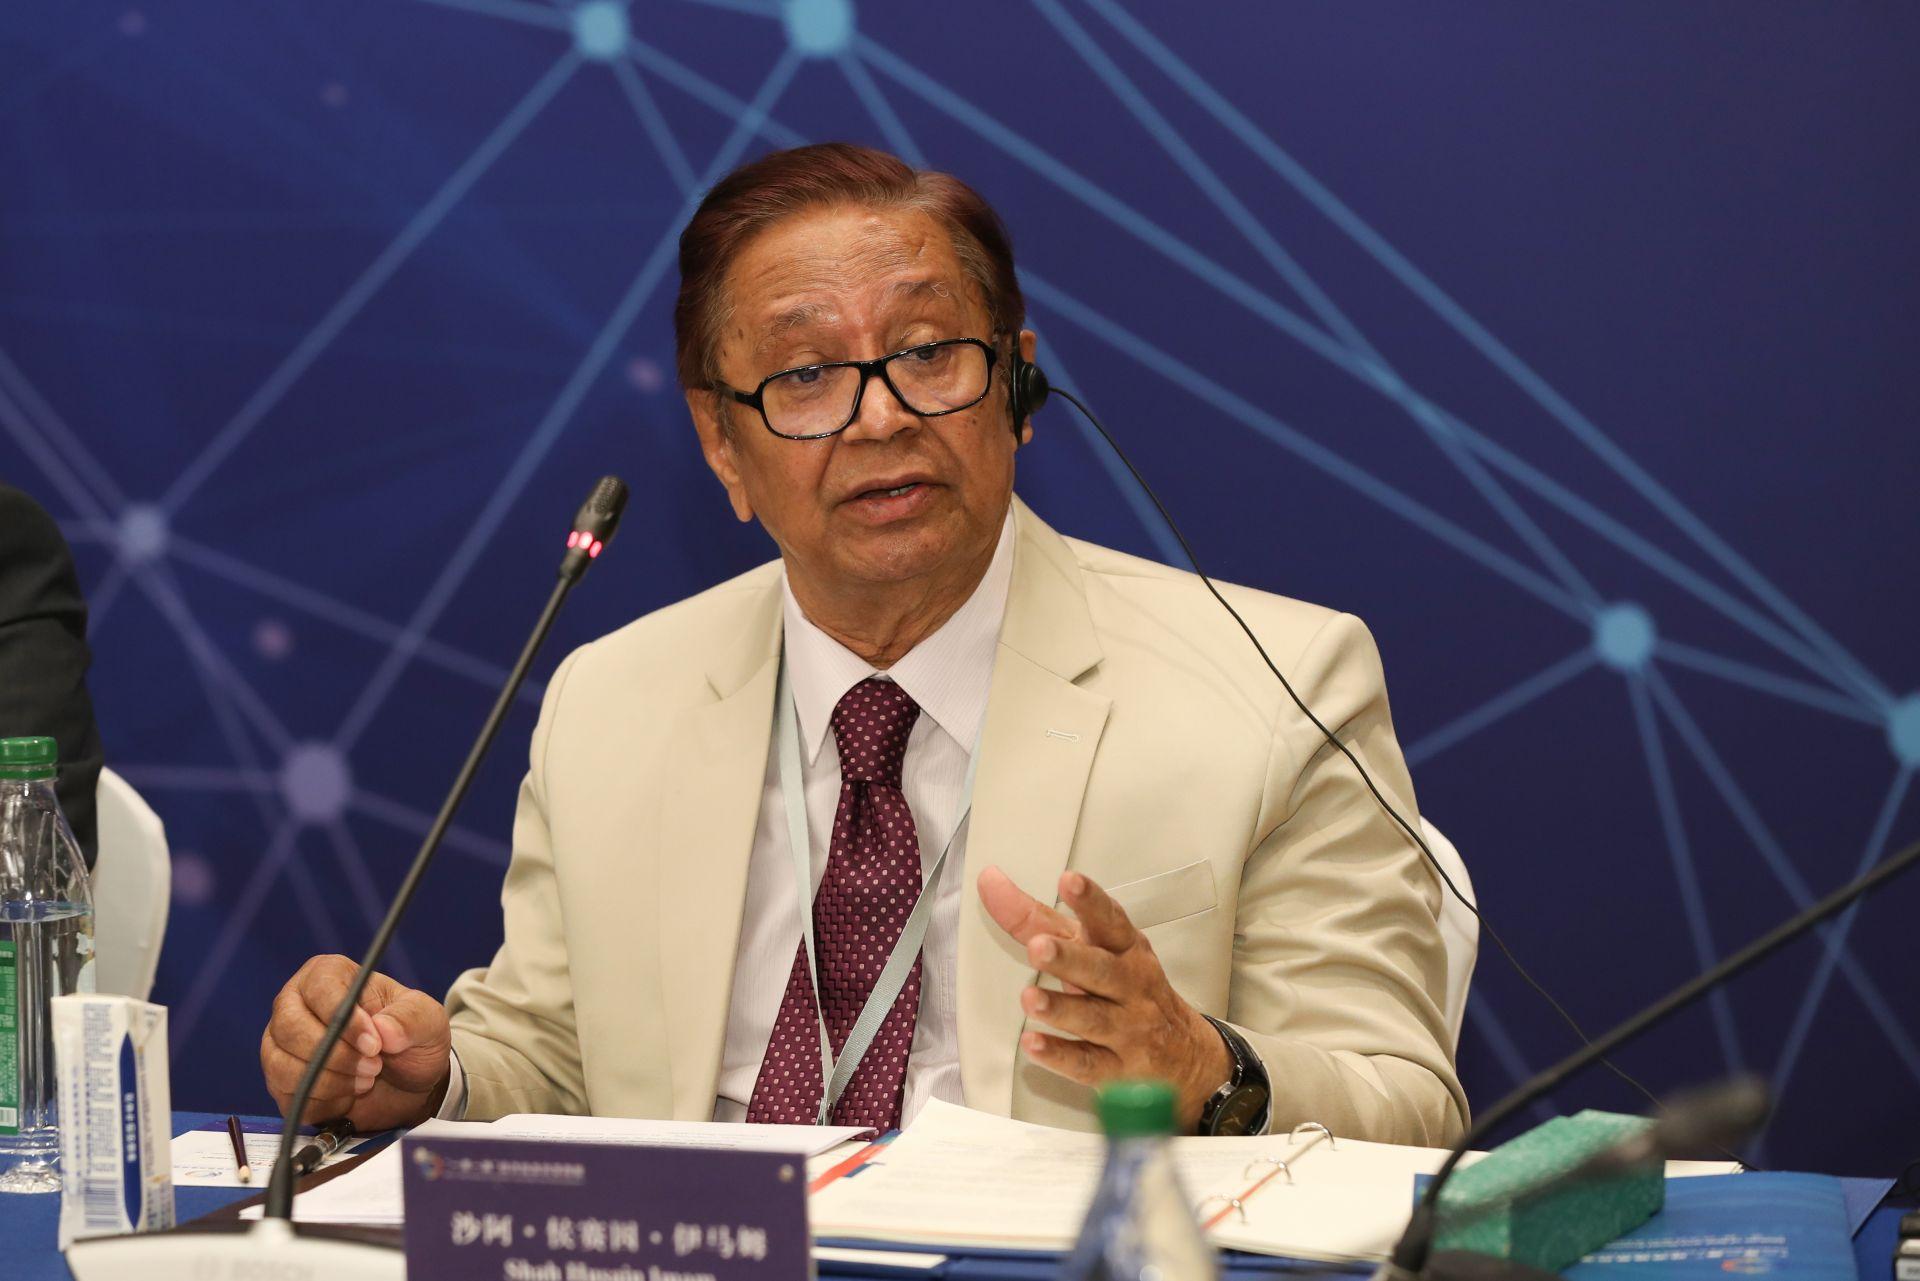 沙阿•侯赛因•伊马姆   孟加拉国金融快报总编兼CEO